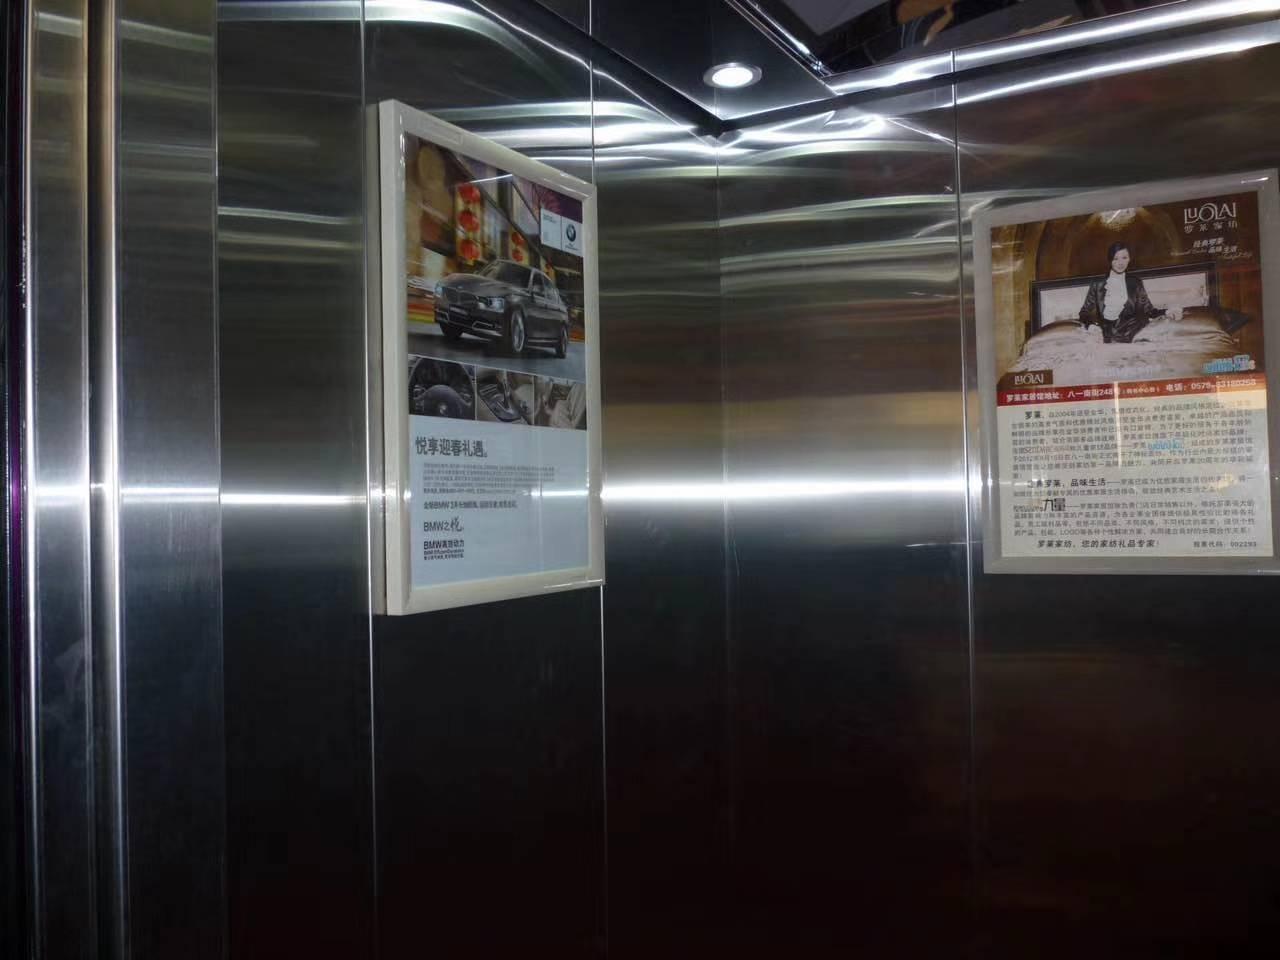 浙江金华电梯框架广告(100面起投)